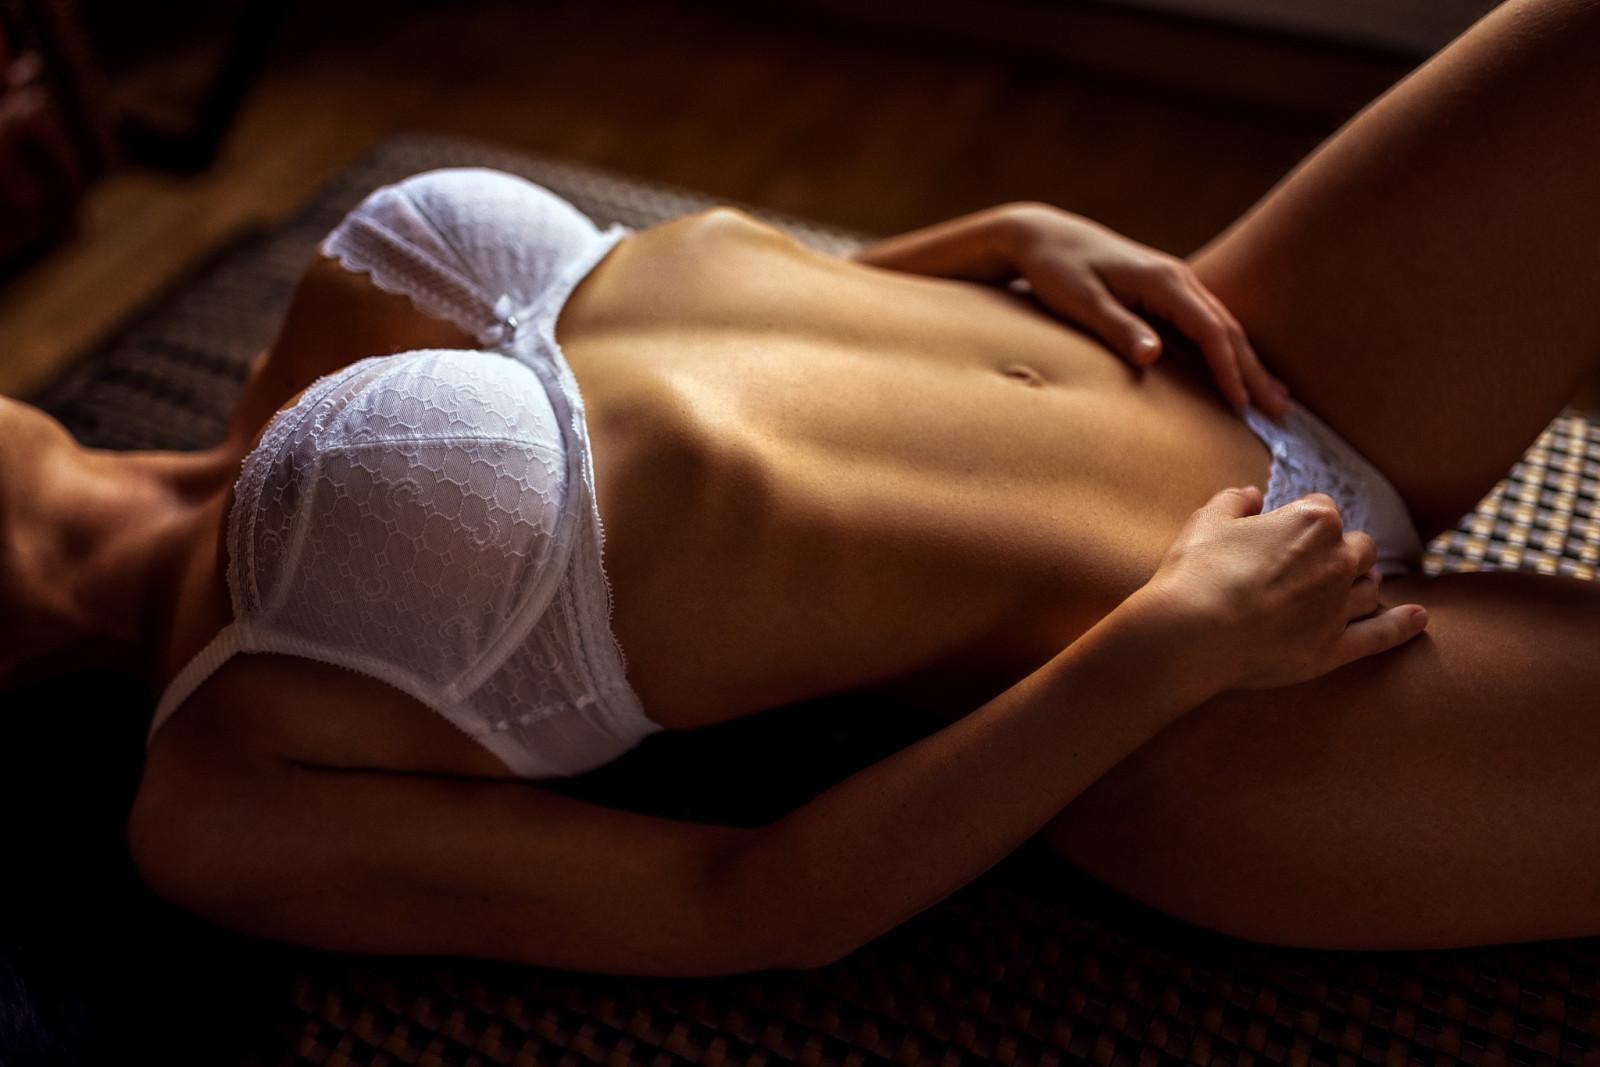 майес красивое женское голое тело смотреть онлайн матерей стали